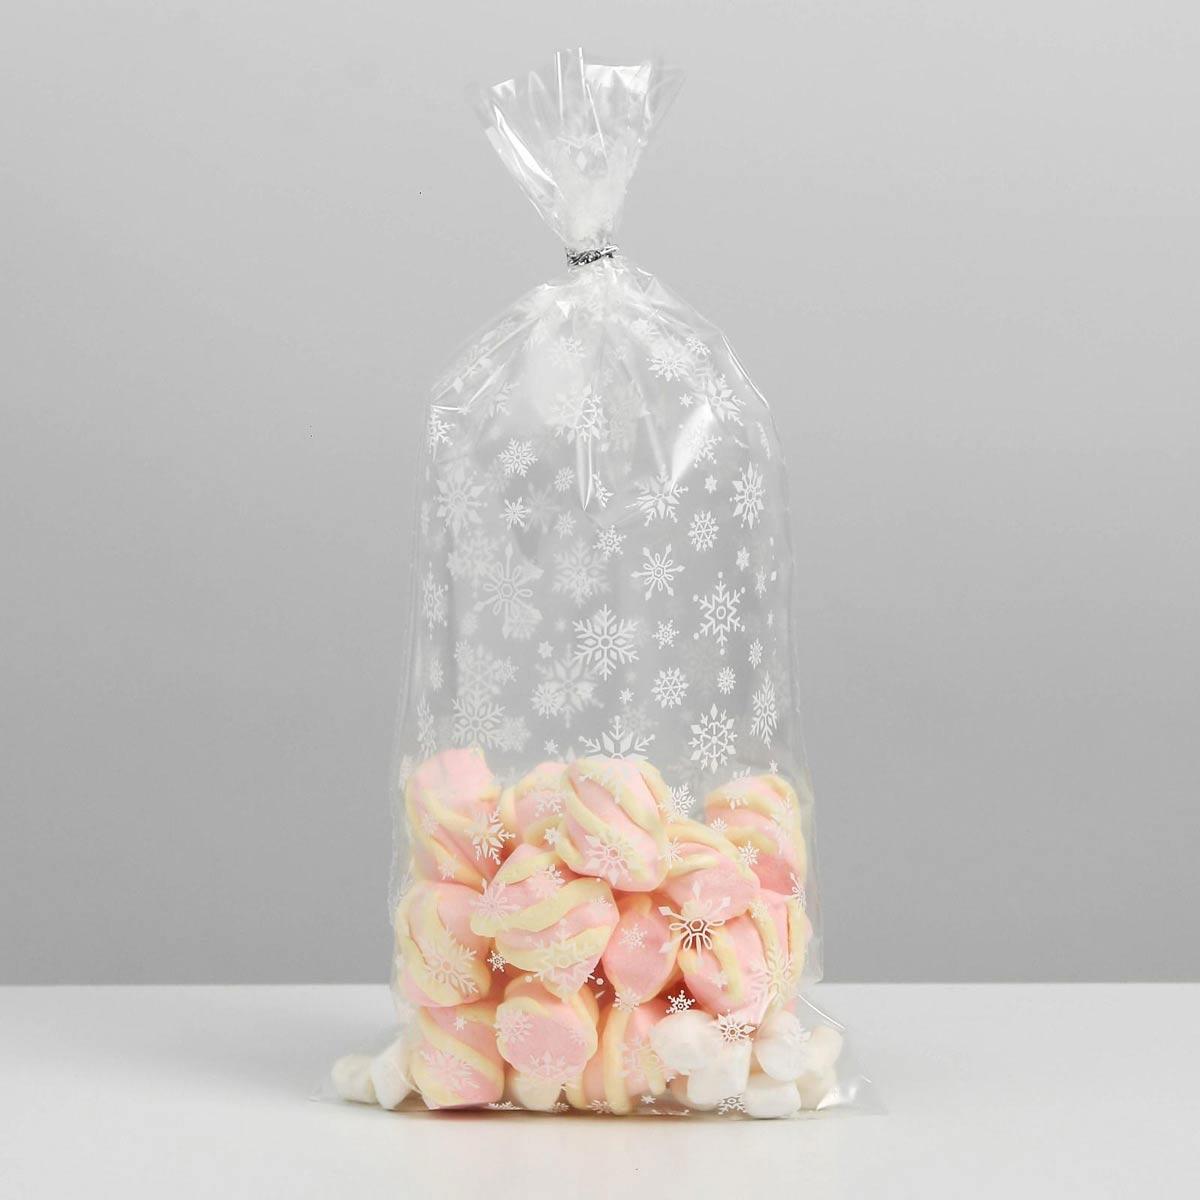 6831704 Пакет подарочный пластиковый 'Снежинки', 15*30 см